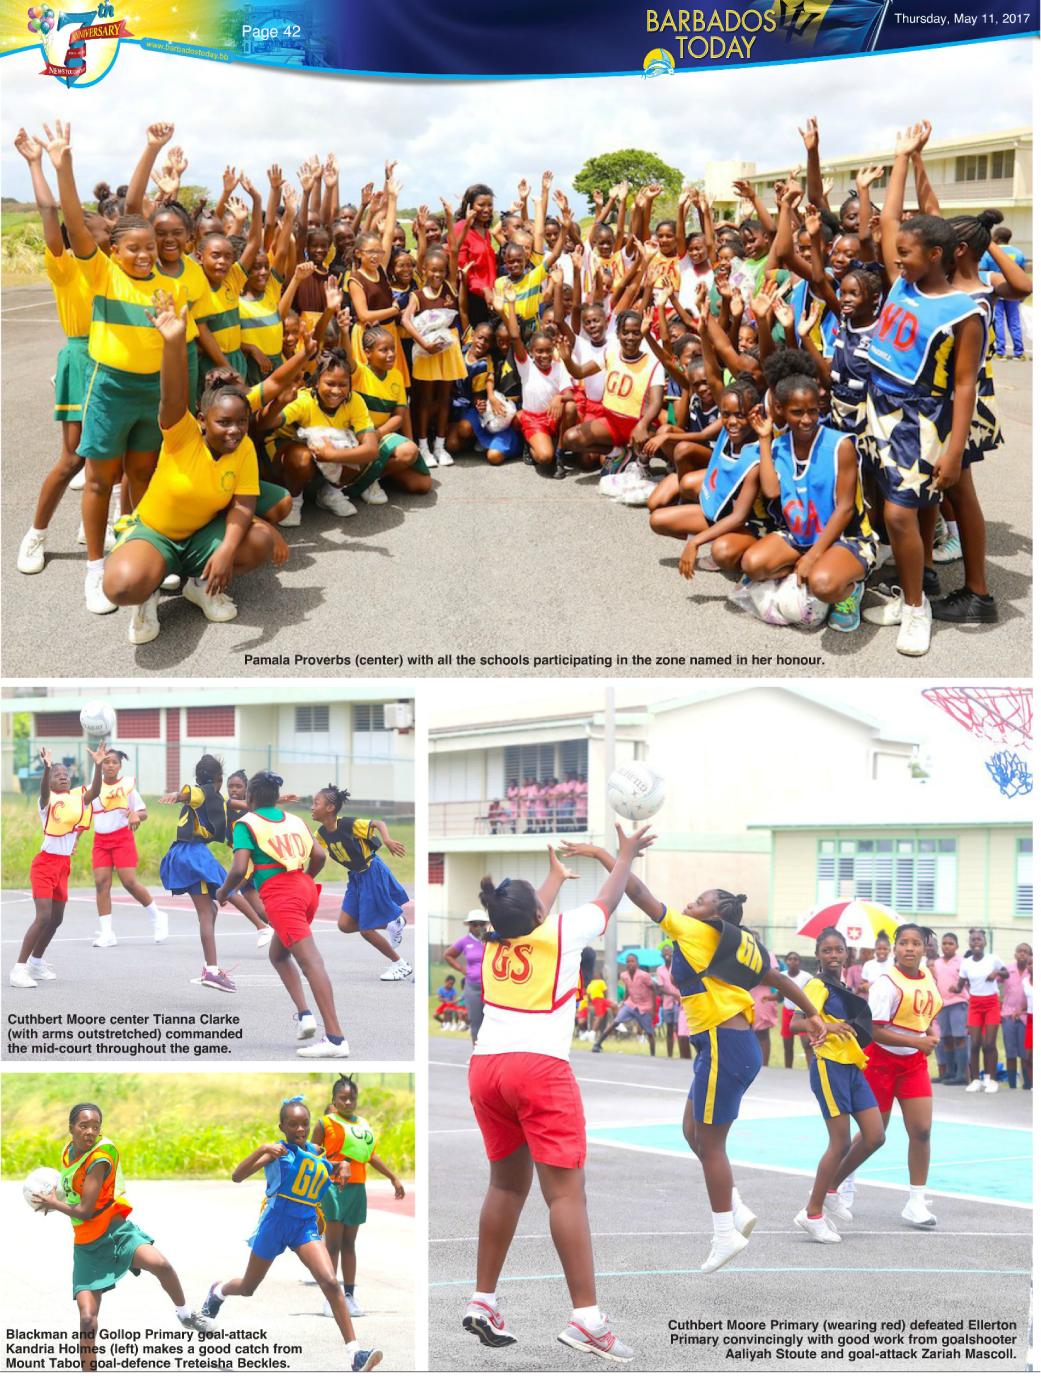 Pamala Proverbs of PRMR Inc. donates netballs to Barbados athletes